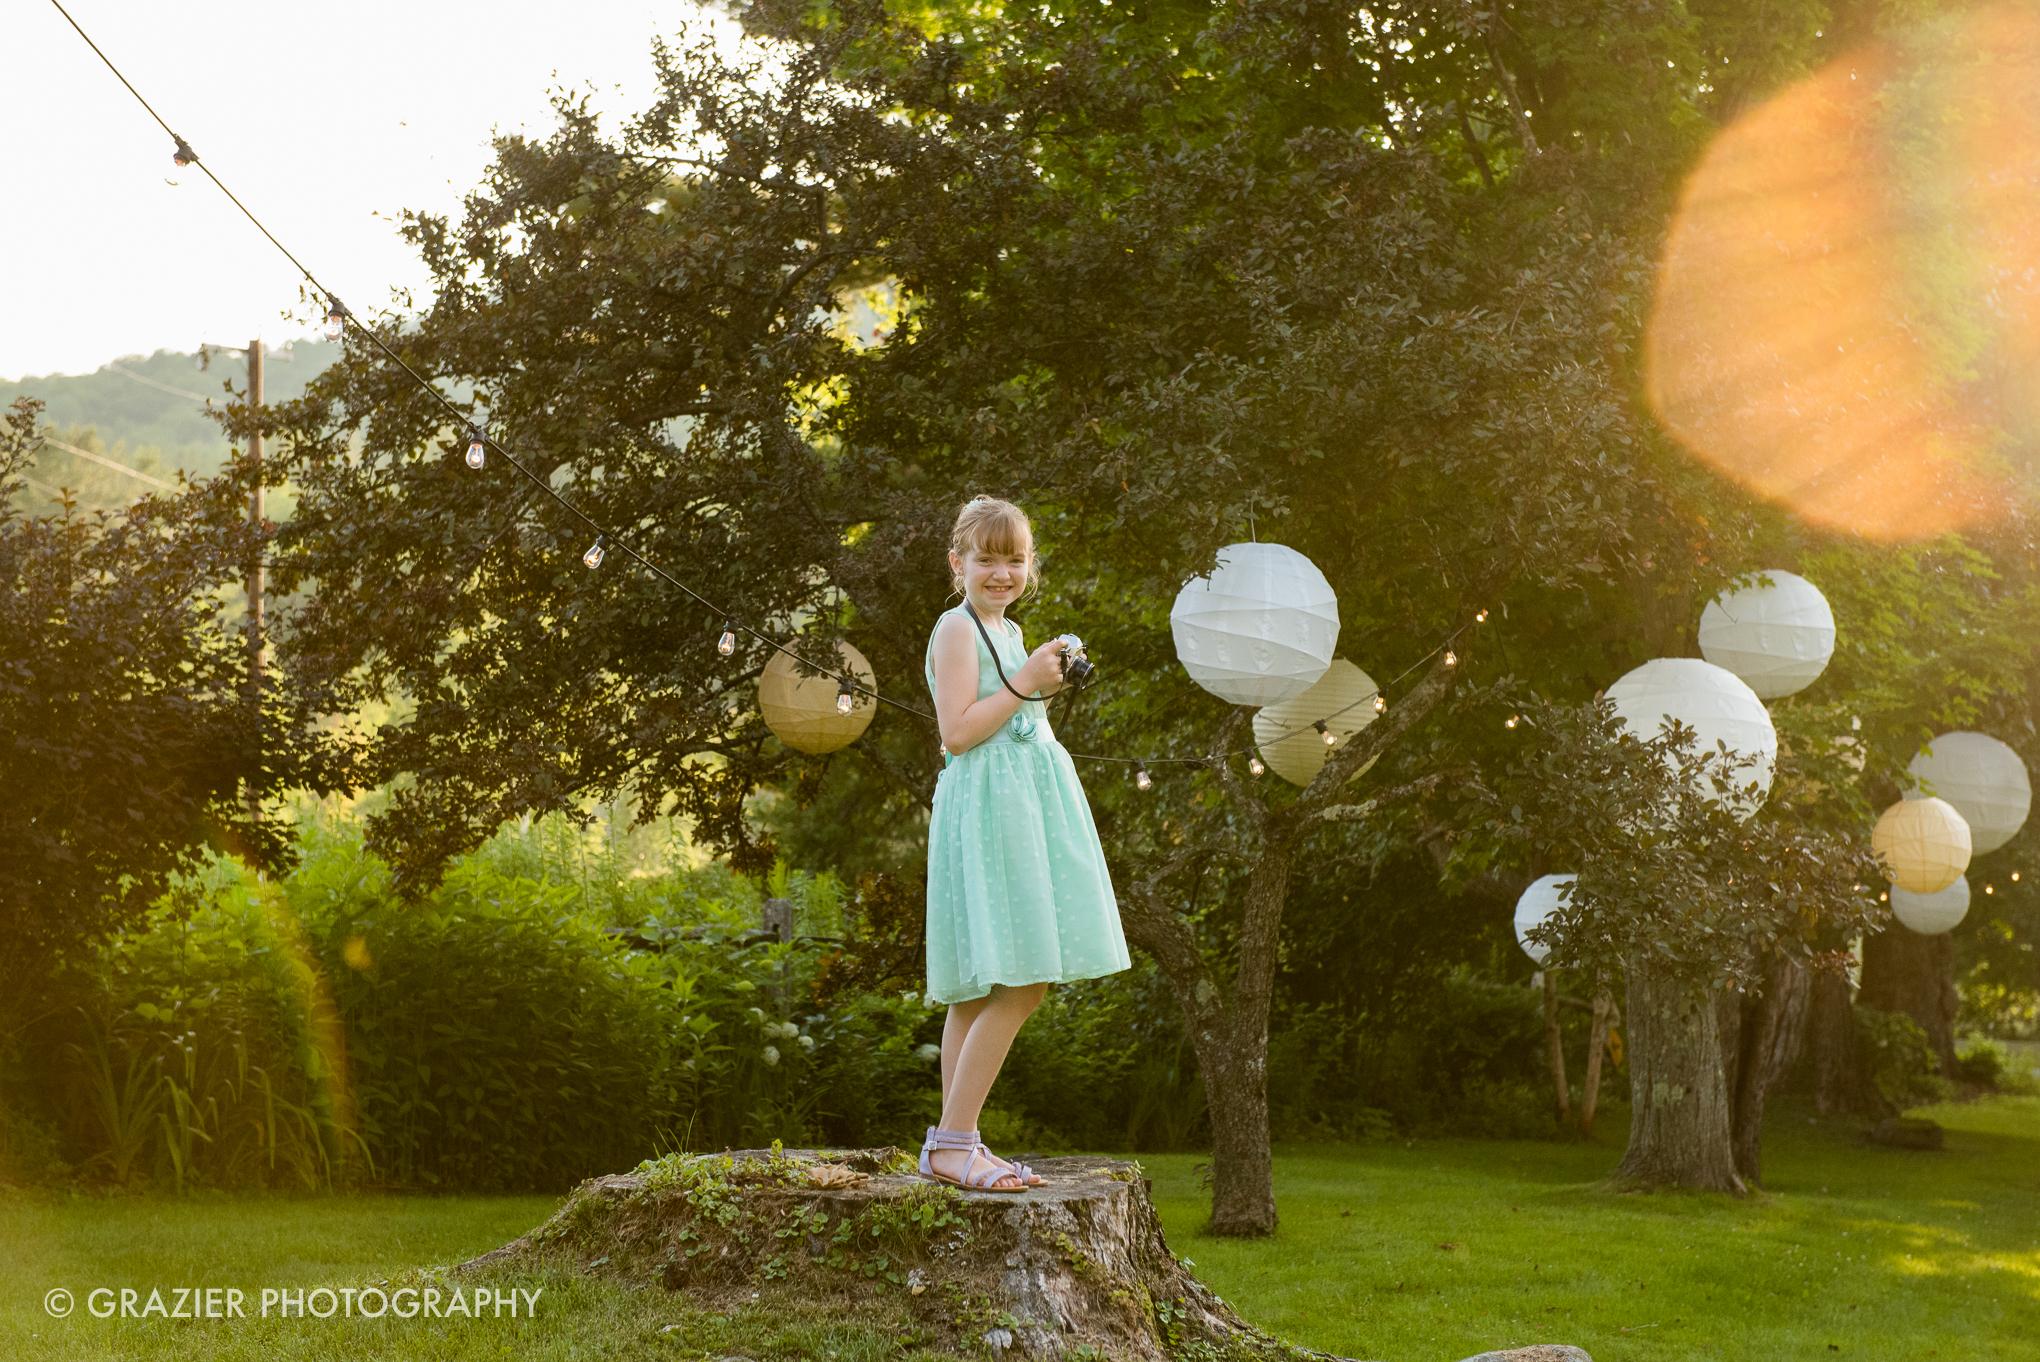 Grazier_Photography_150718_Moss_0731.jpg